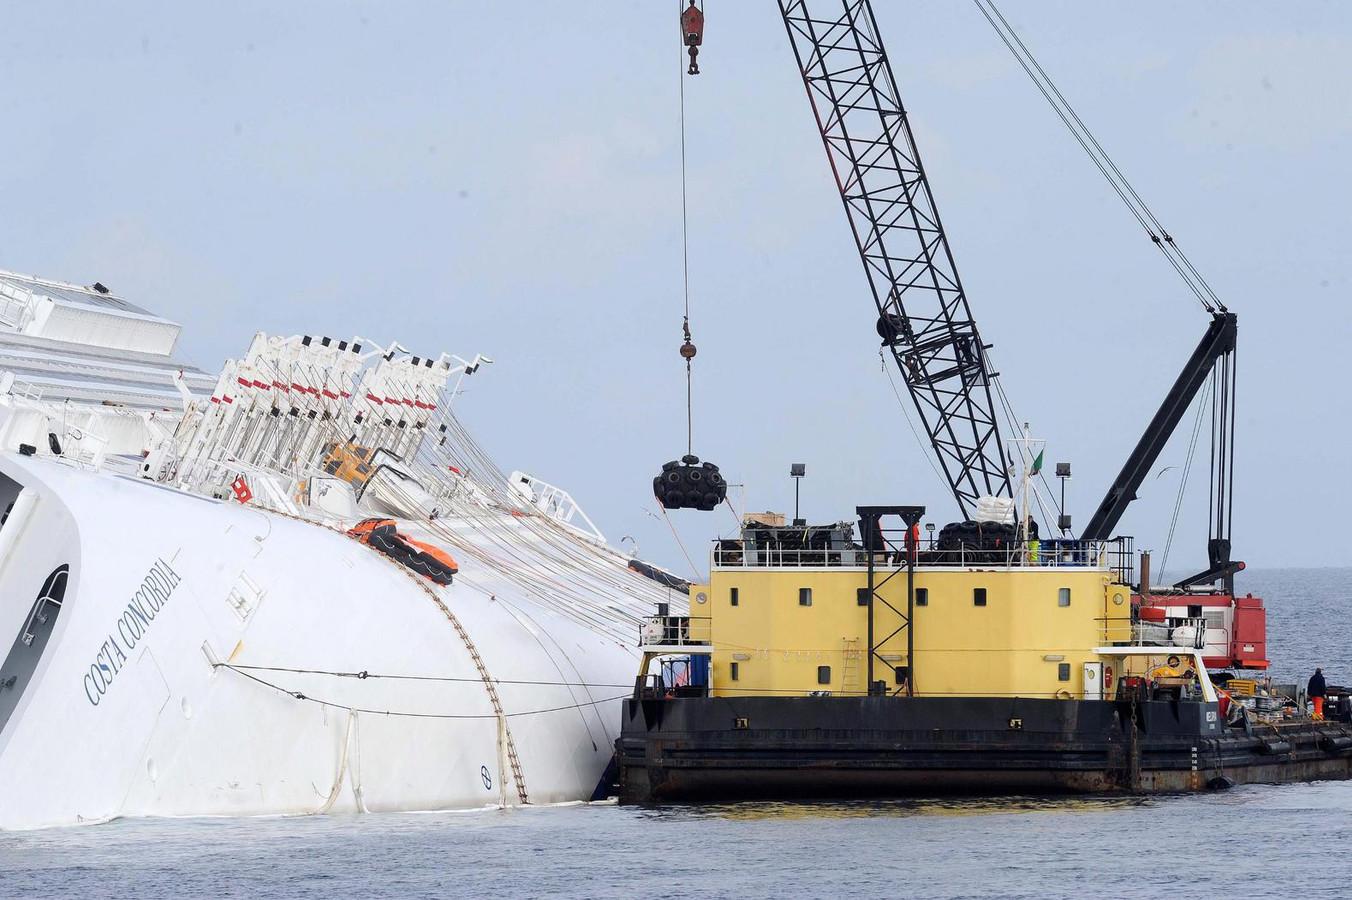 Smit Salvage is onder meer bekend vanwege het opruimen van het scheepswrak van de Italiaanse Costa Concordia